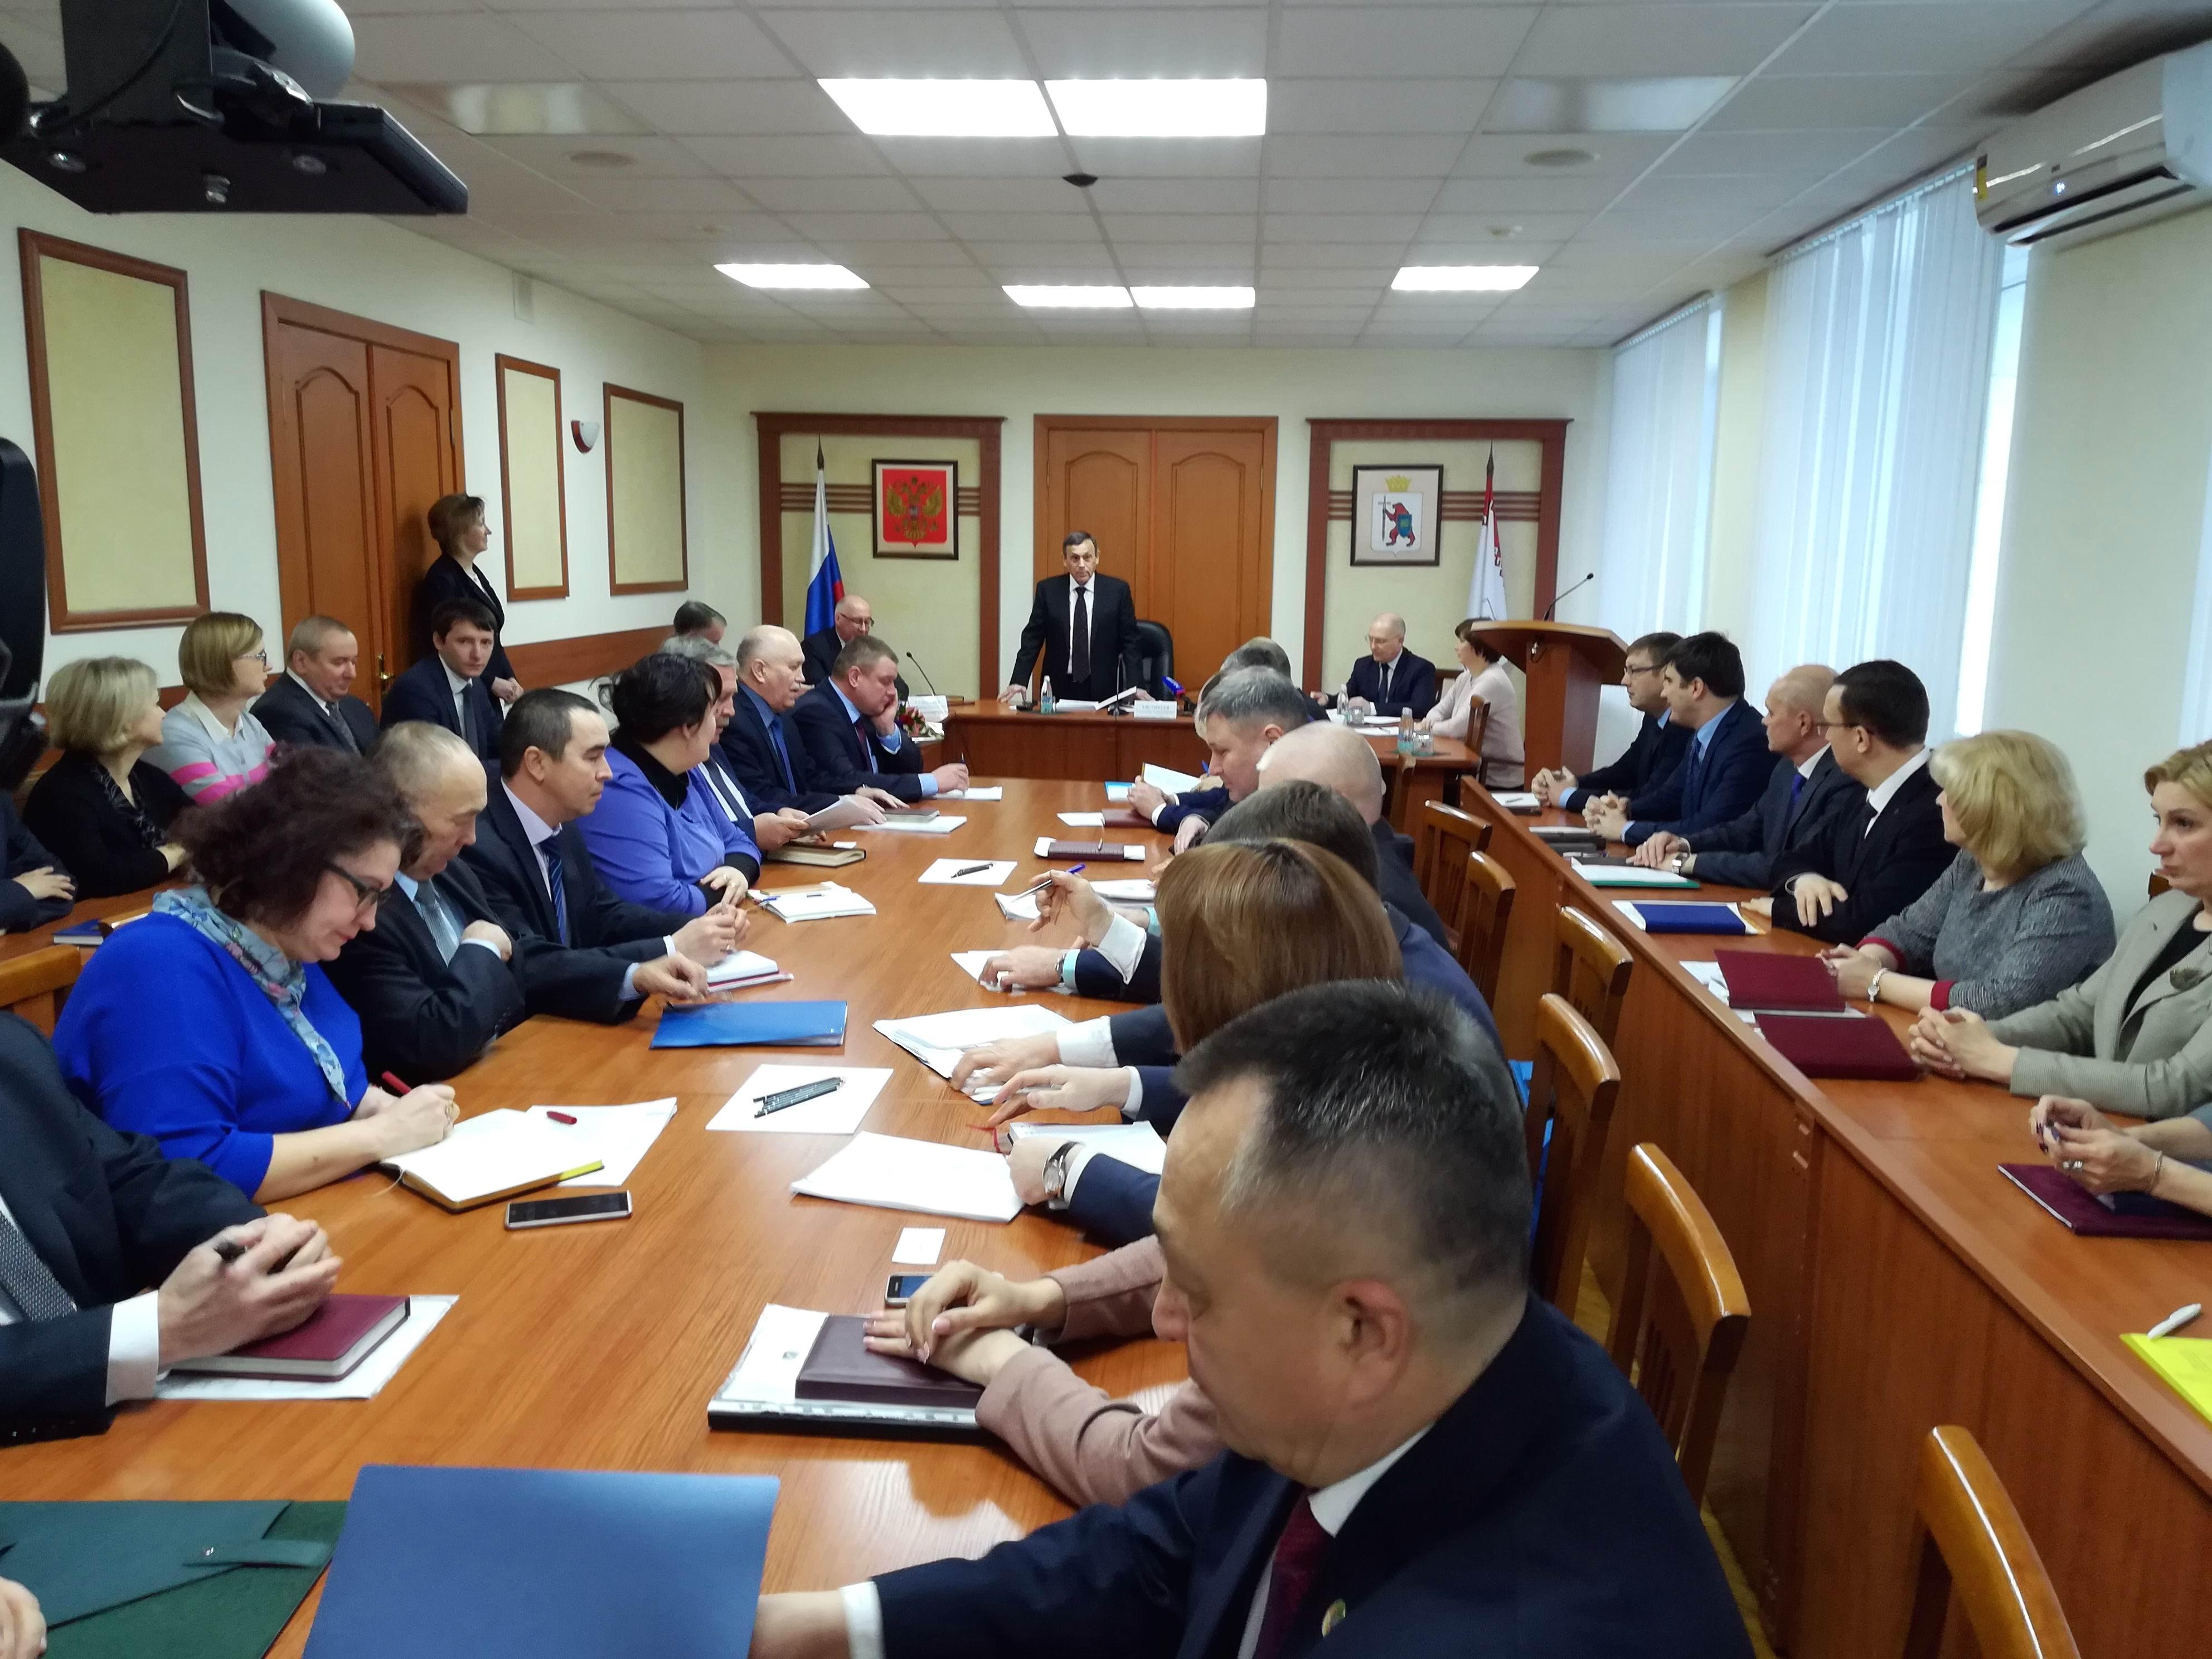 Условия соглашения Марий Эл с Минфином РФ в 2019 году выполнены